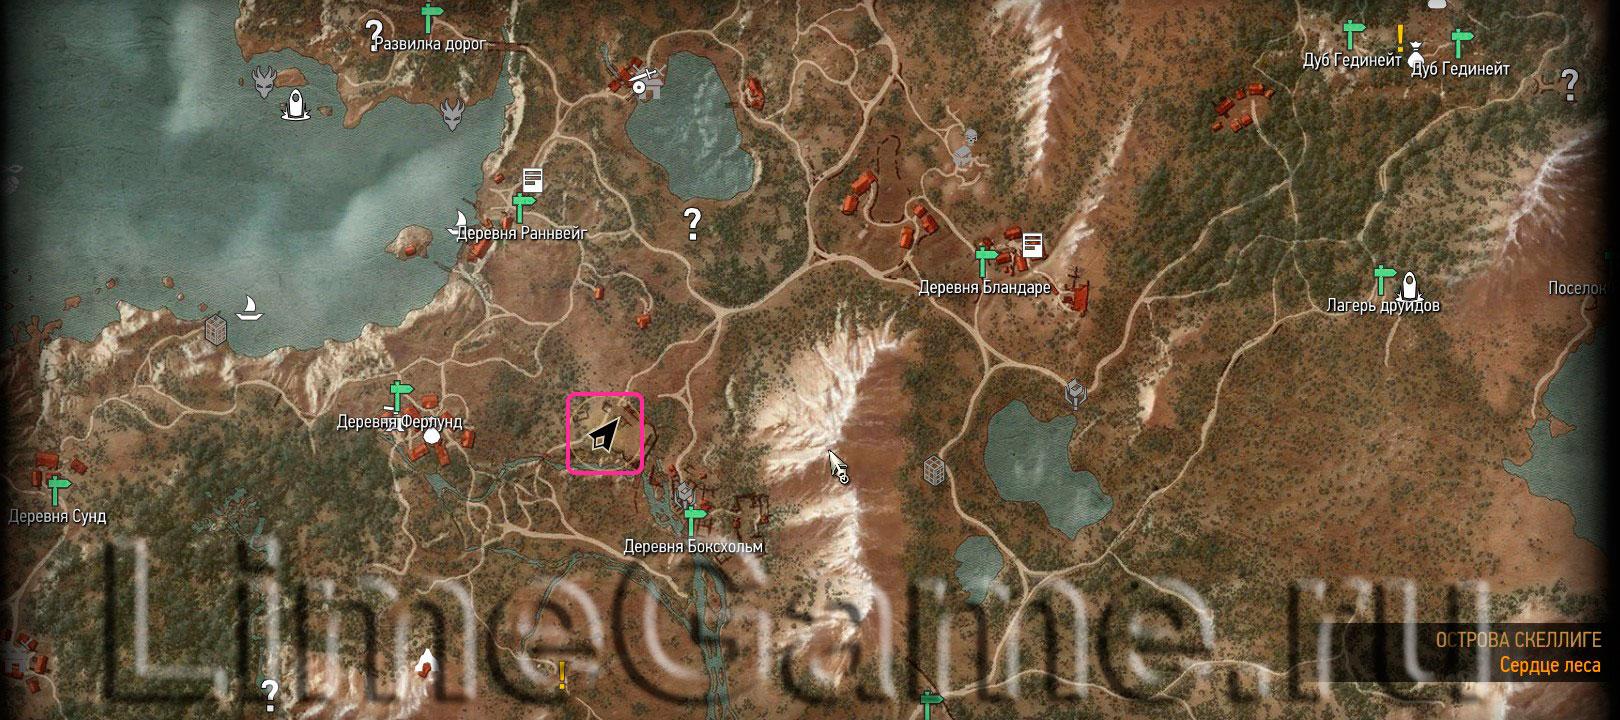 Прохождение Игры Секреты Острова Арселия